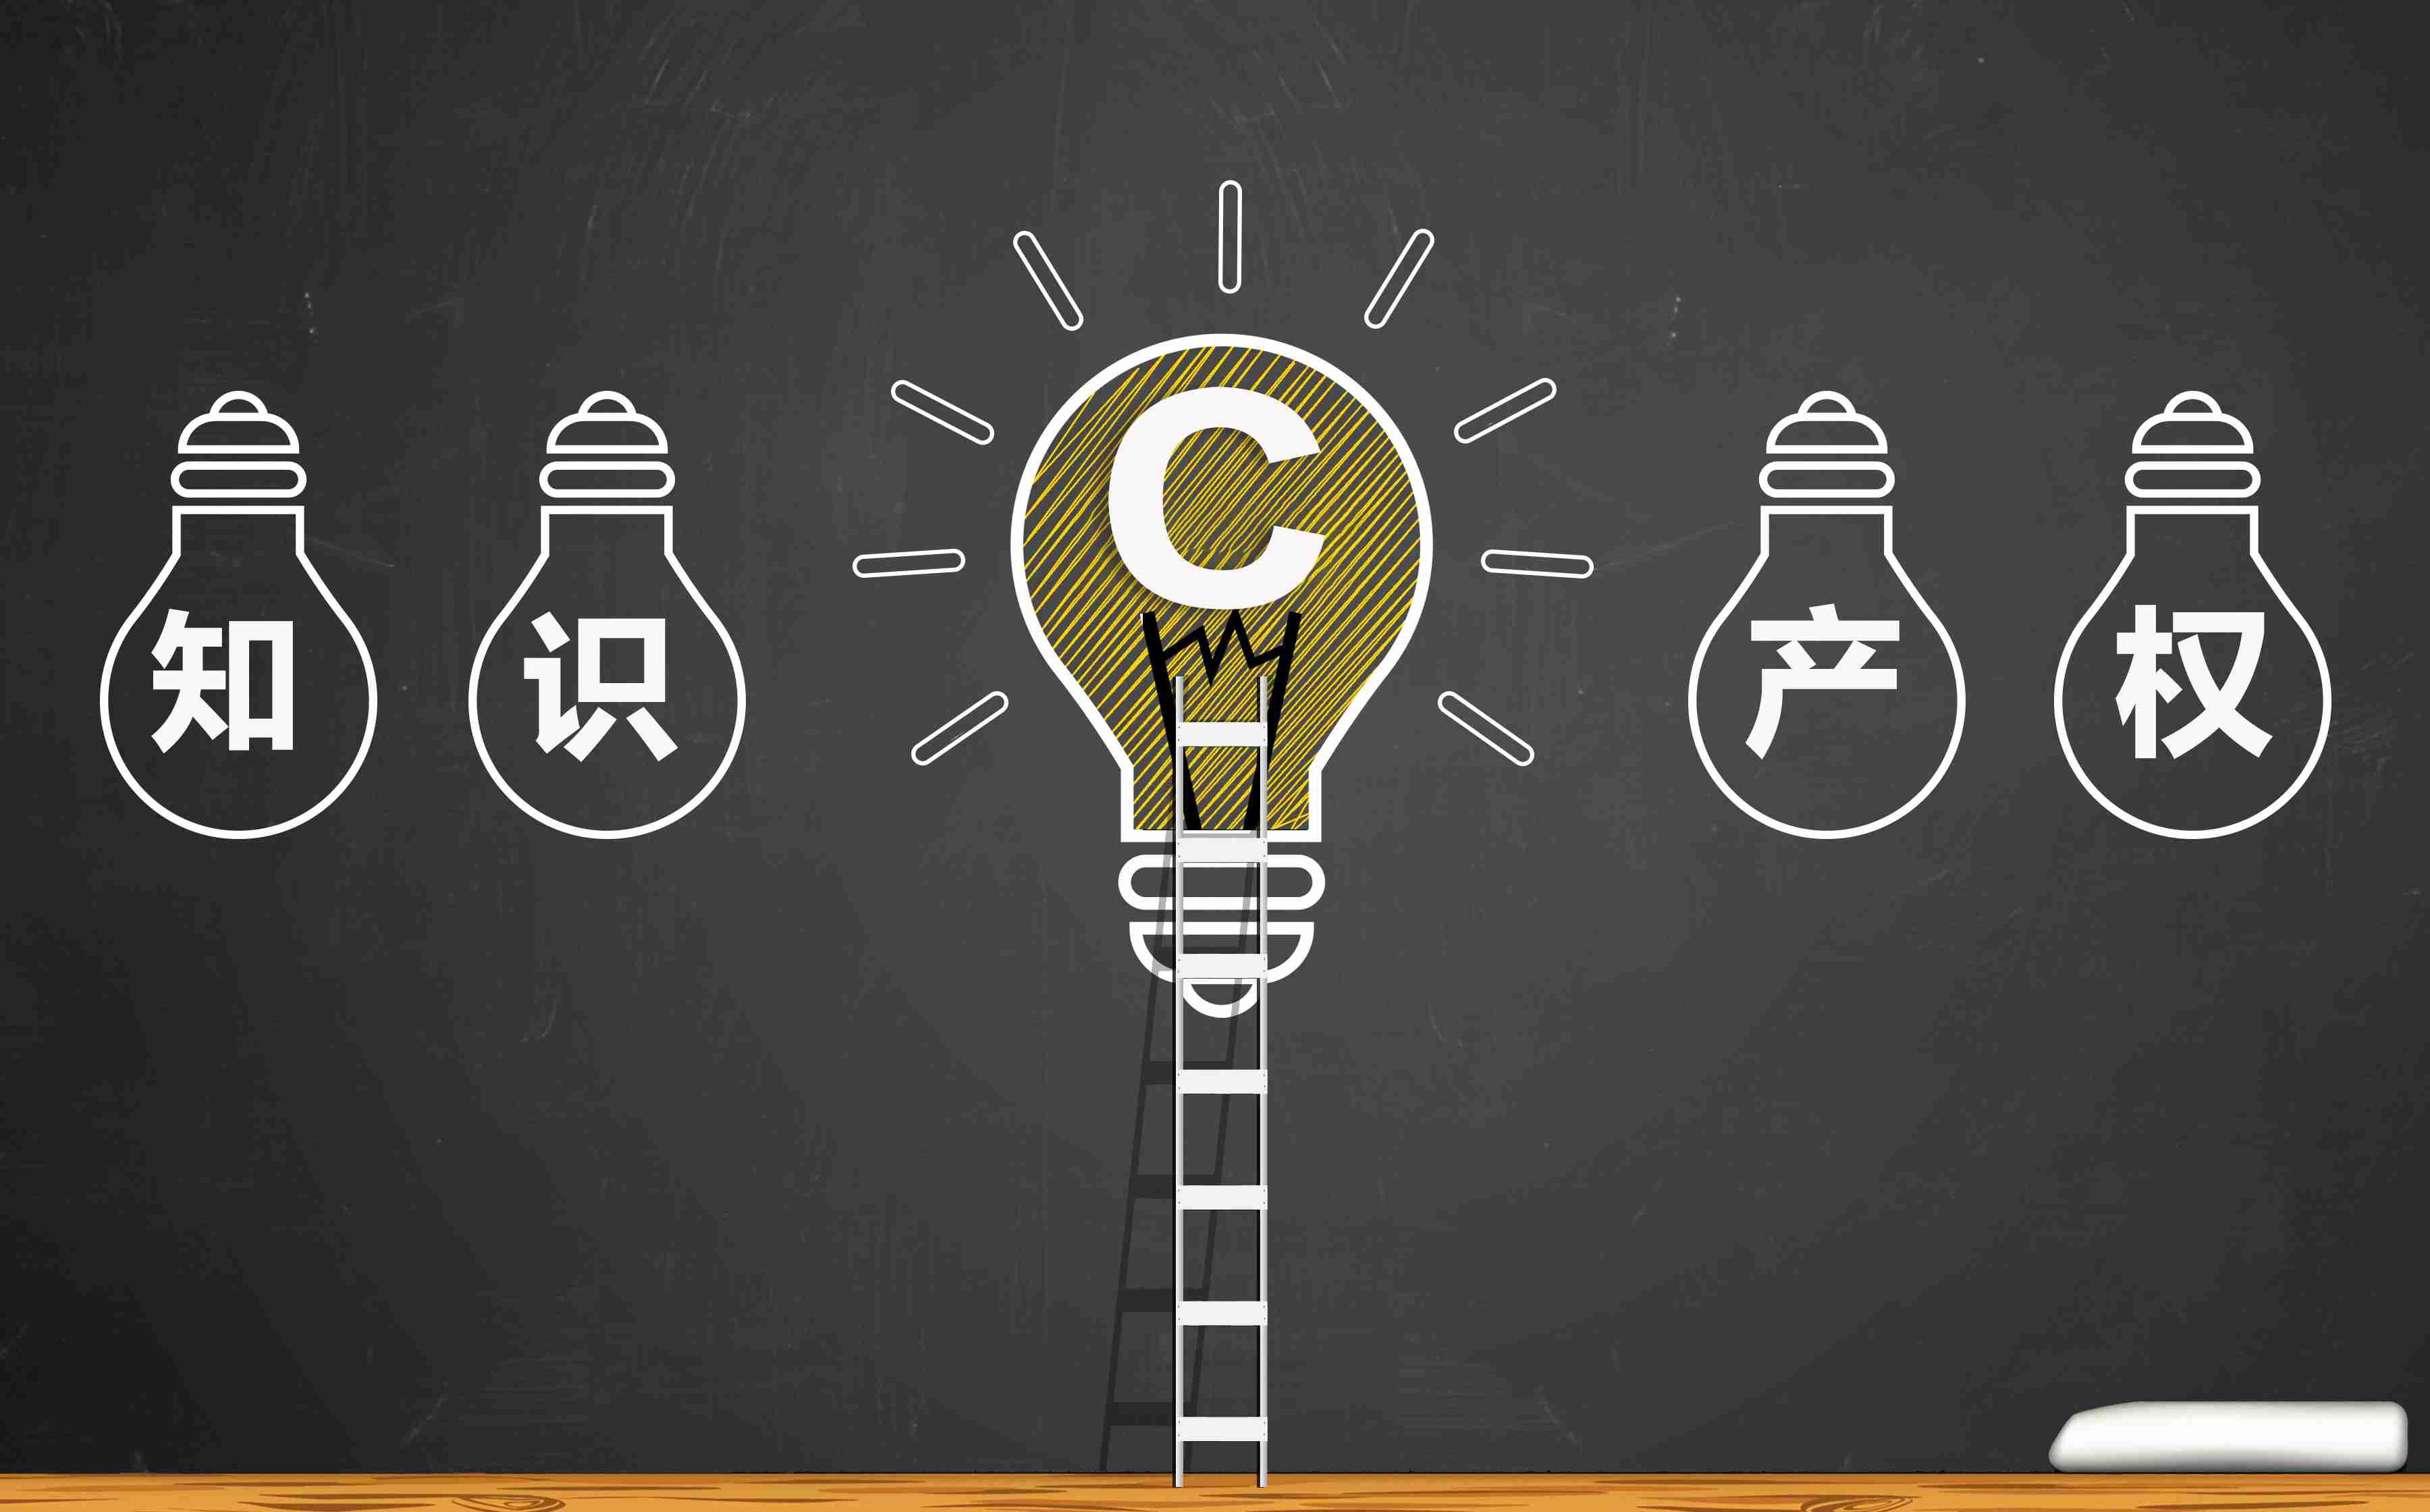 深圳专利律师告诉你专利欠费终止怎么办?